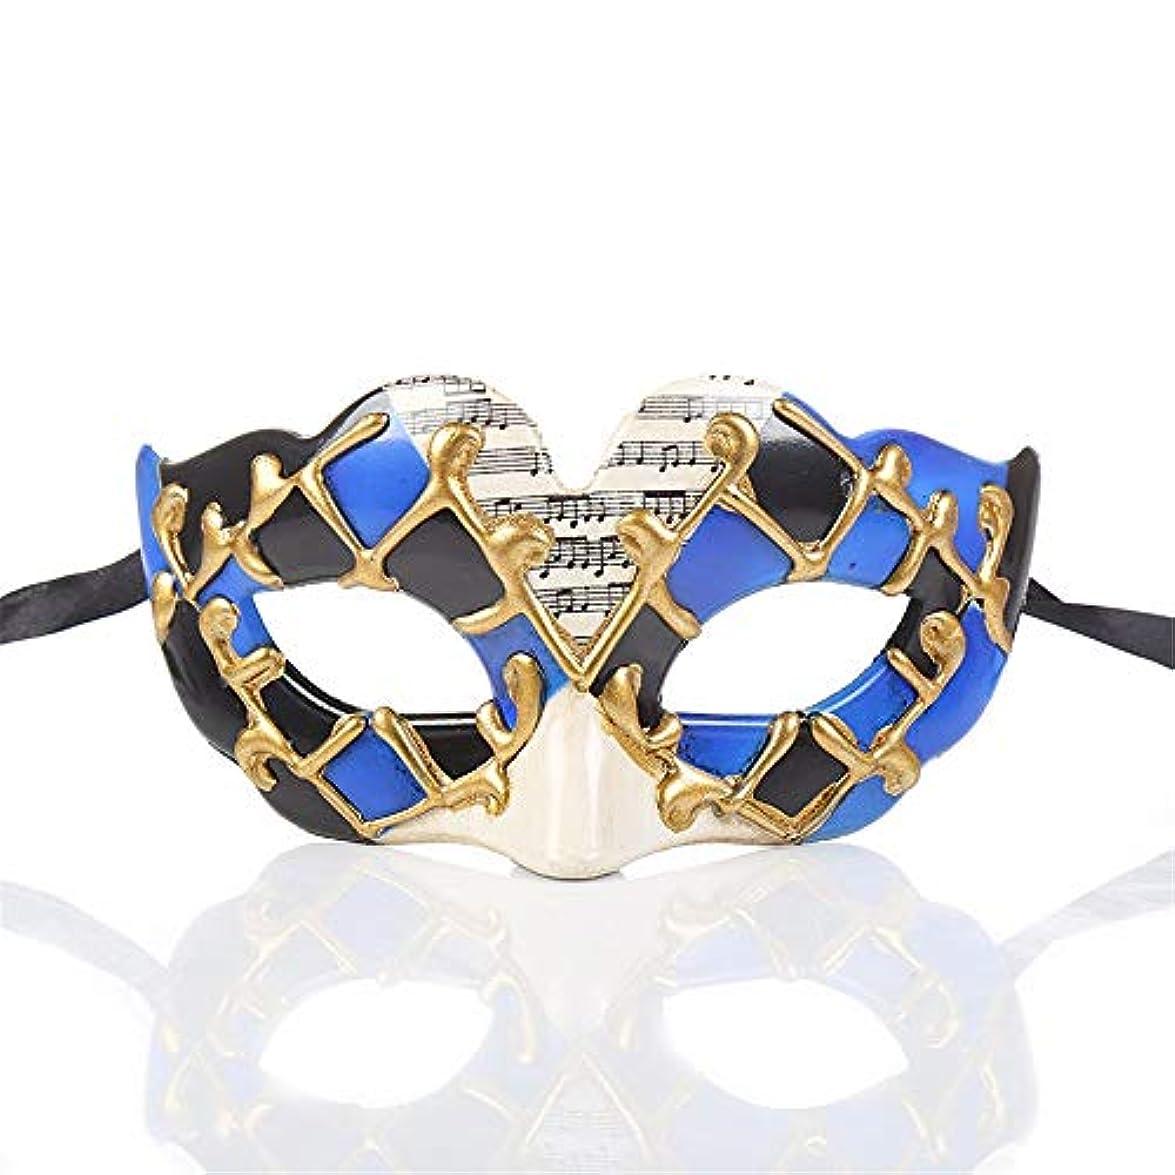 通り抜ける激しいパースブラックボロウダンスマスク パーティーCospalyマスクハロウィーンマスカレードデコレーションマスクフェスティバルプラスチックマスク ホリデーパーティー用品 (色 : 青, サイズ : 14.5x7.5cm)